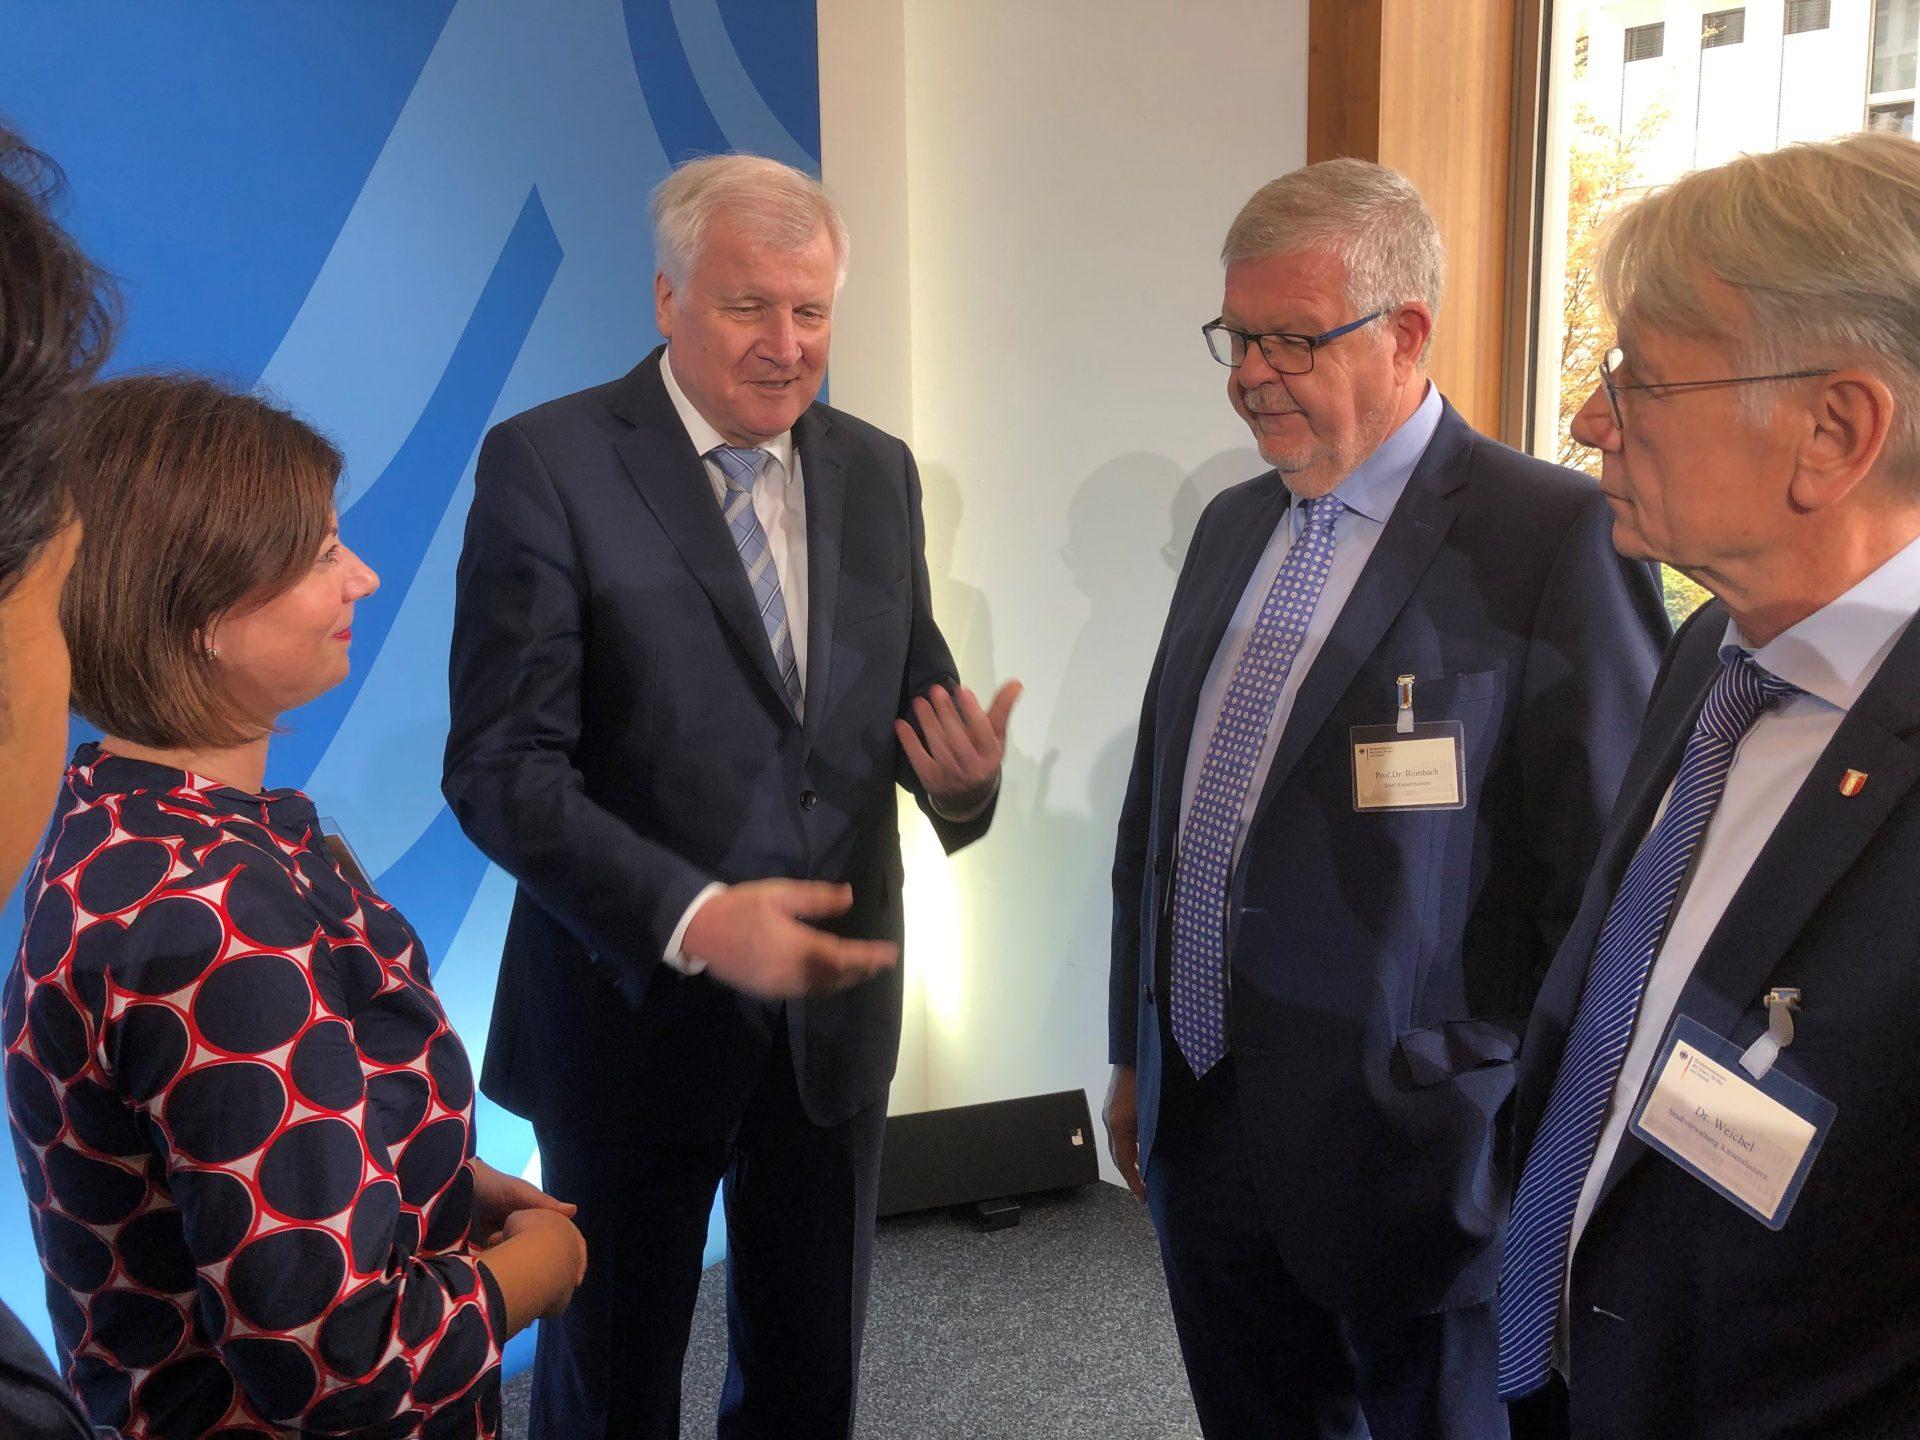 5 Personen diskutieren, unter ihnen Bundesinnenminister Horst Seehofer